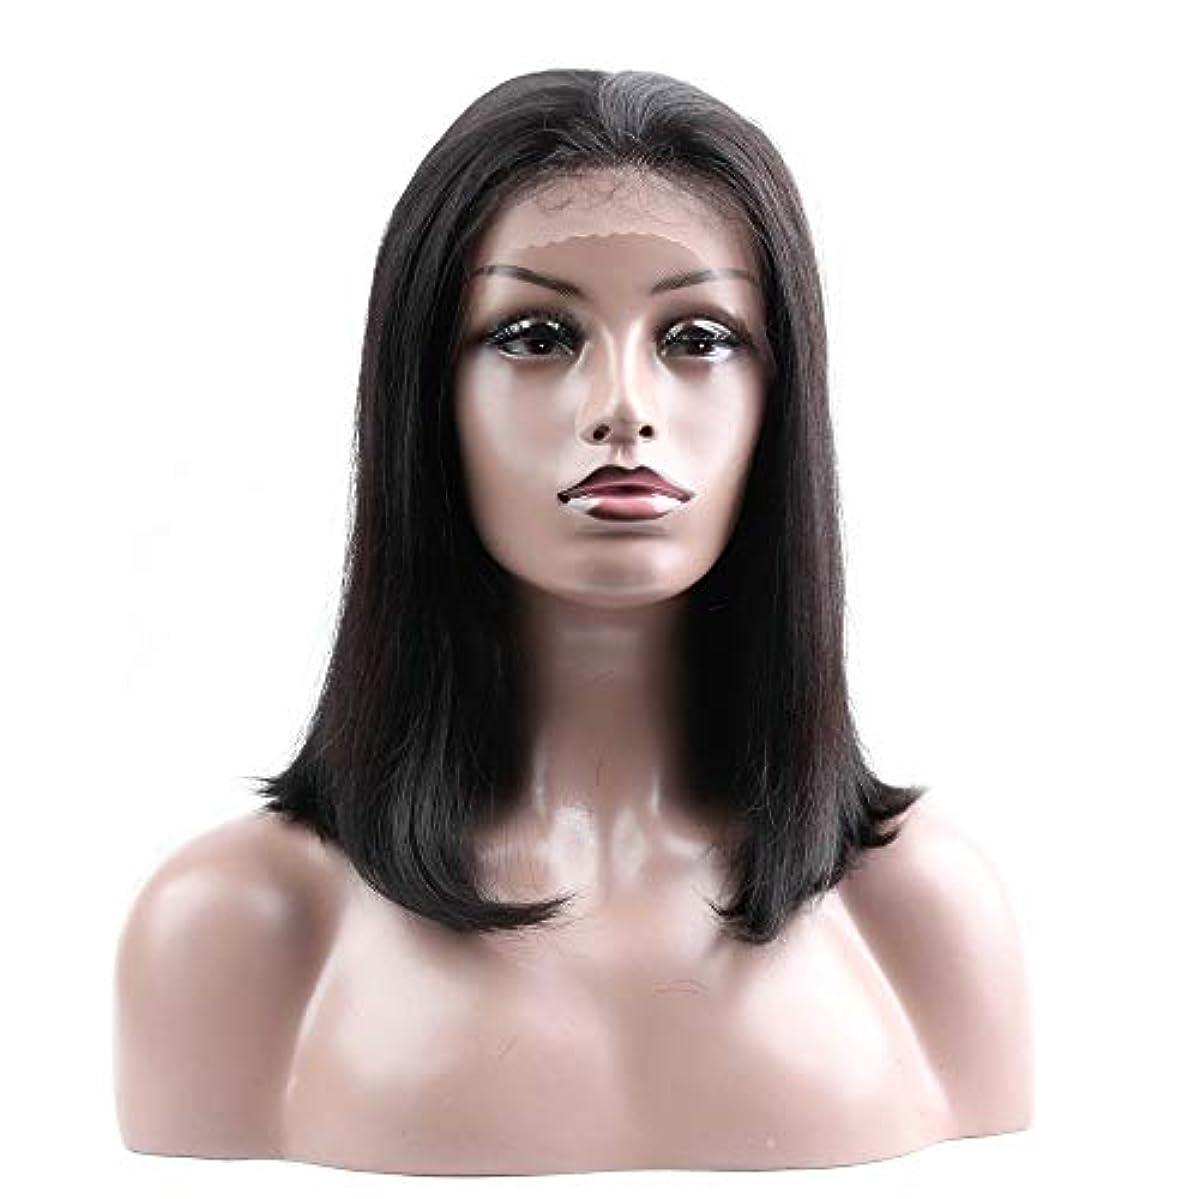 経験者いたずらなからかうJULYTER ショートボブウィッグレースフロントウィッグ無料のパーツ黒人間の髪の毛の生物学的外観毎日のかつら (色 : 黒, サイズ : 18 inch)